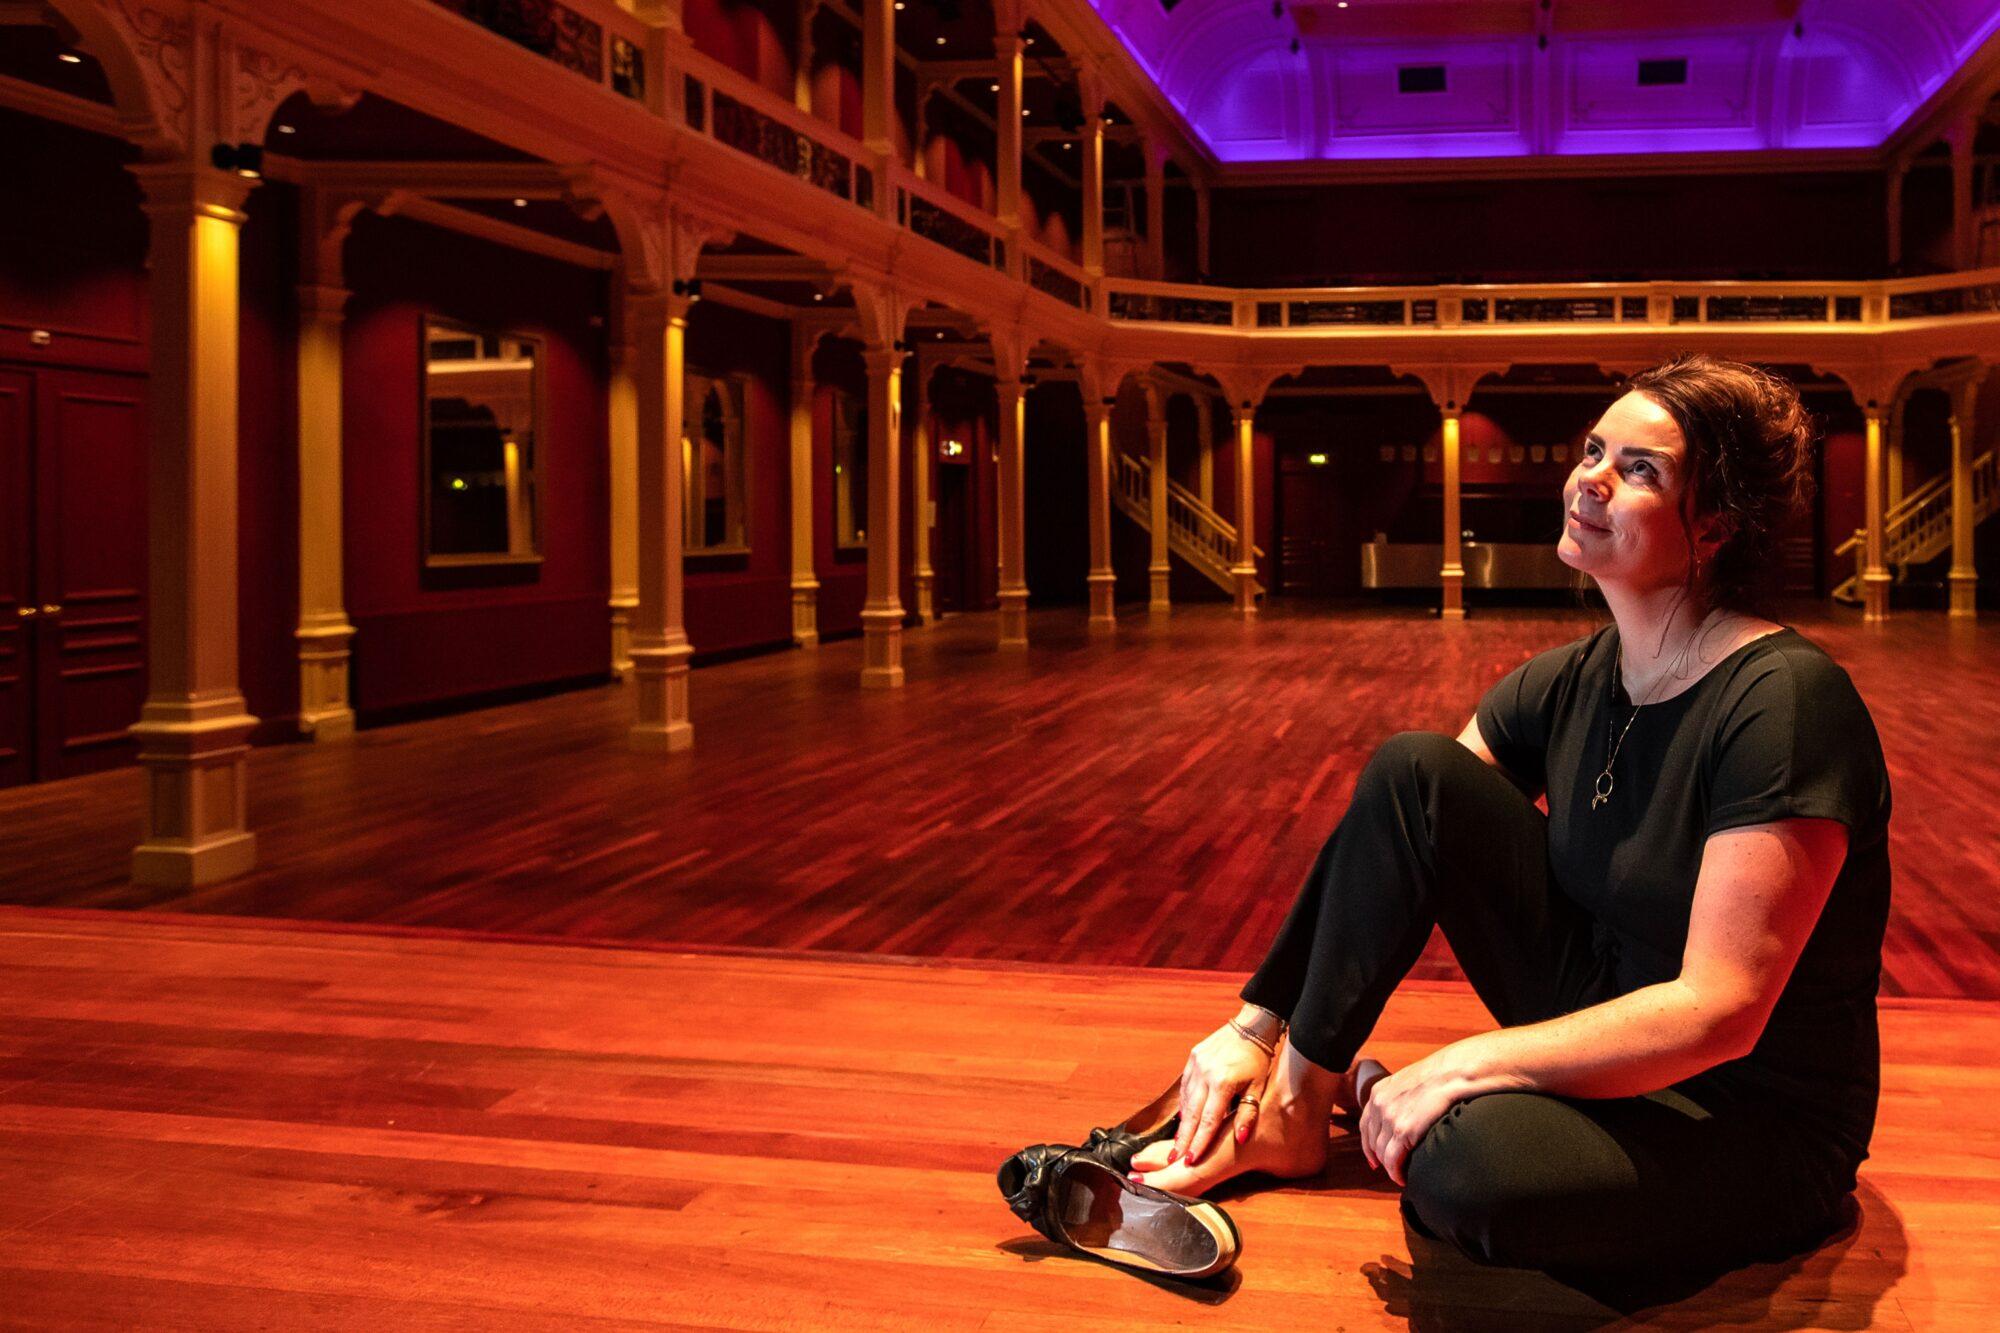 Directeur Mirjam Radstake: 'Het theater zal qua functie gaan veranderen'